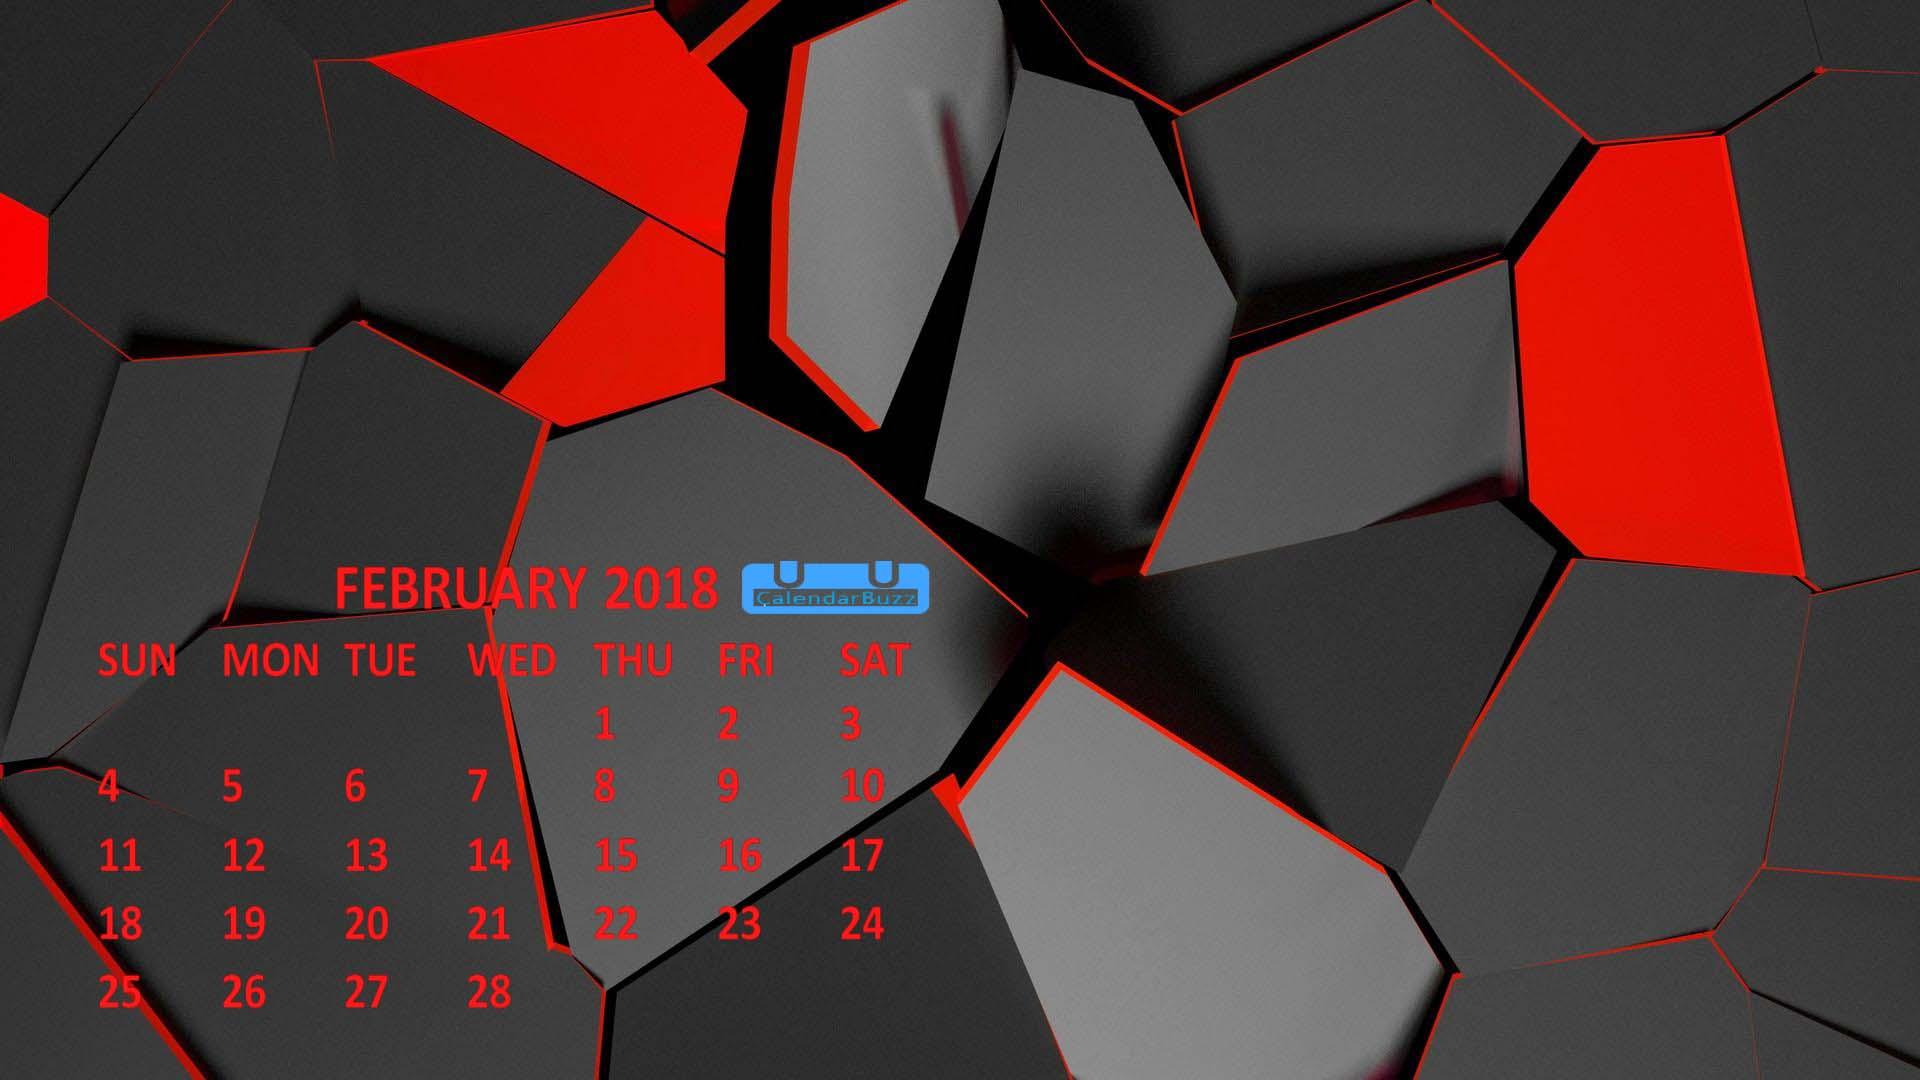 February 2018 Calendar Wallpaper Download CalendarBuzz 1920x1080